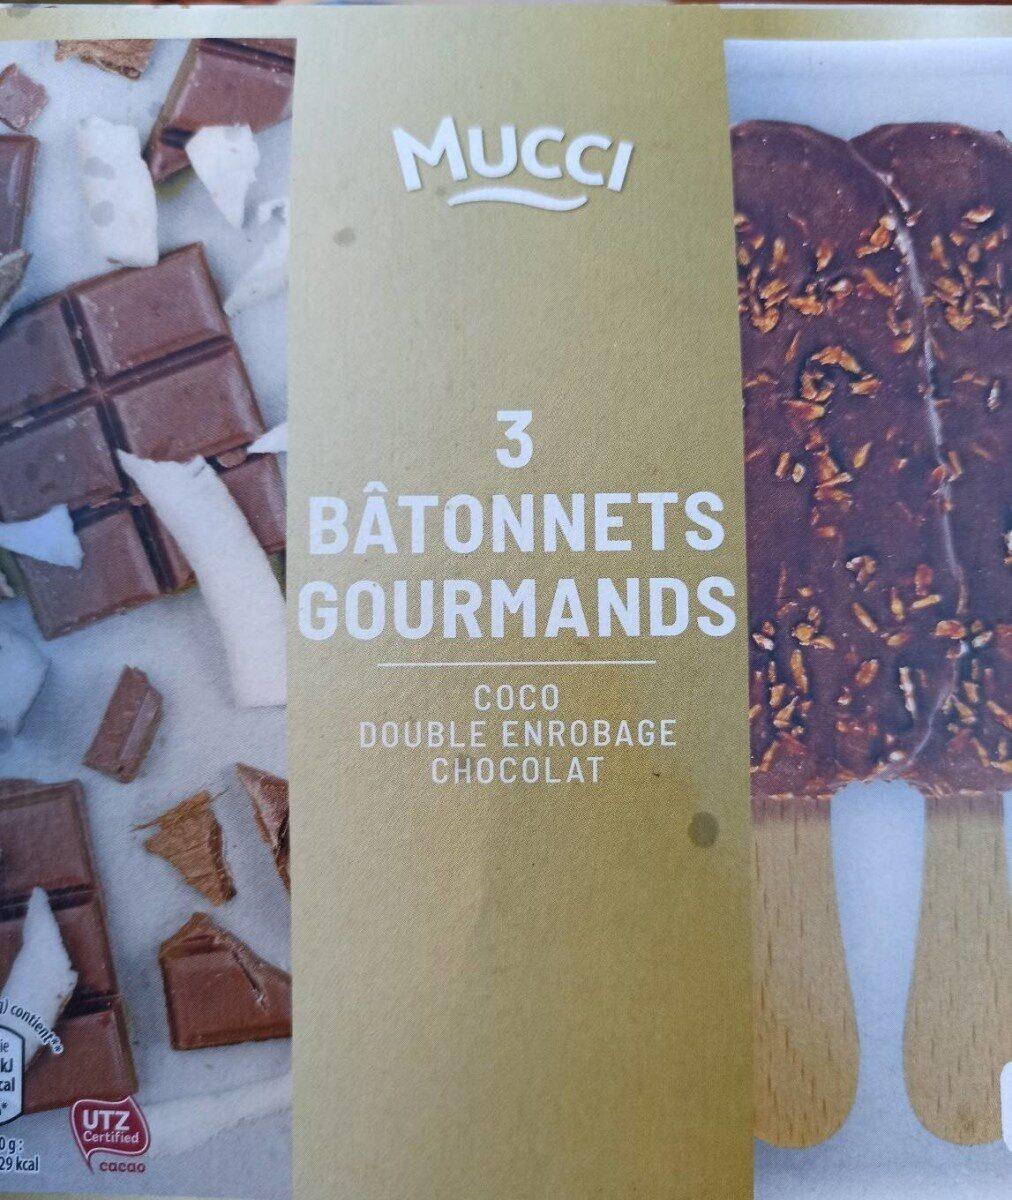 Bâtonets Gourmands - Product - fr